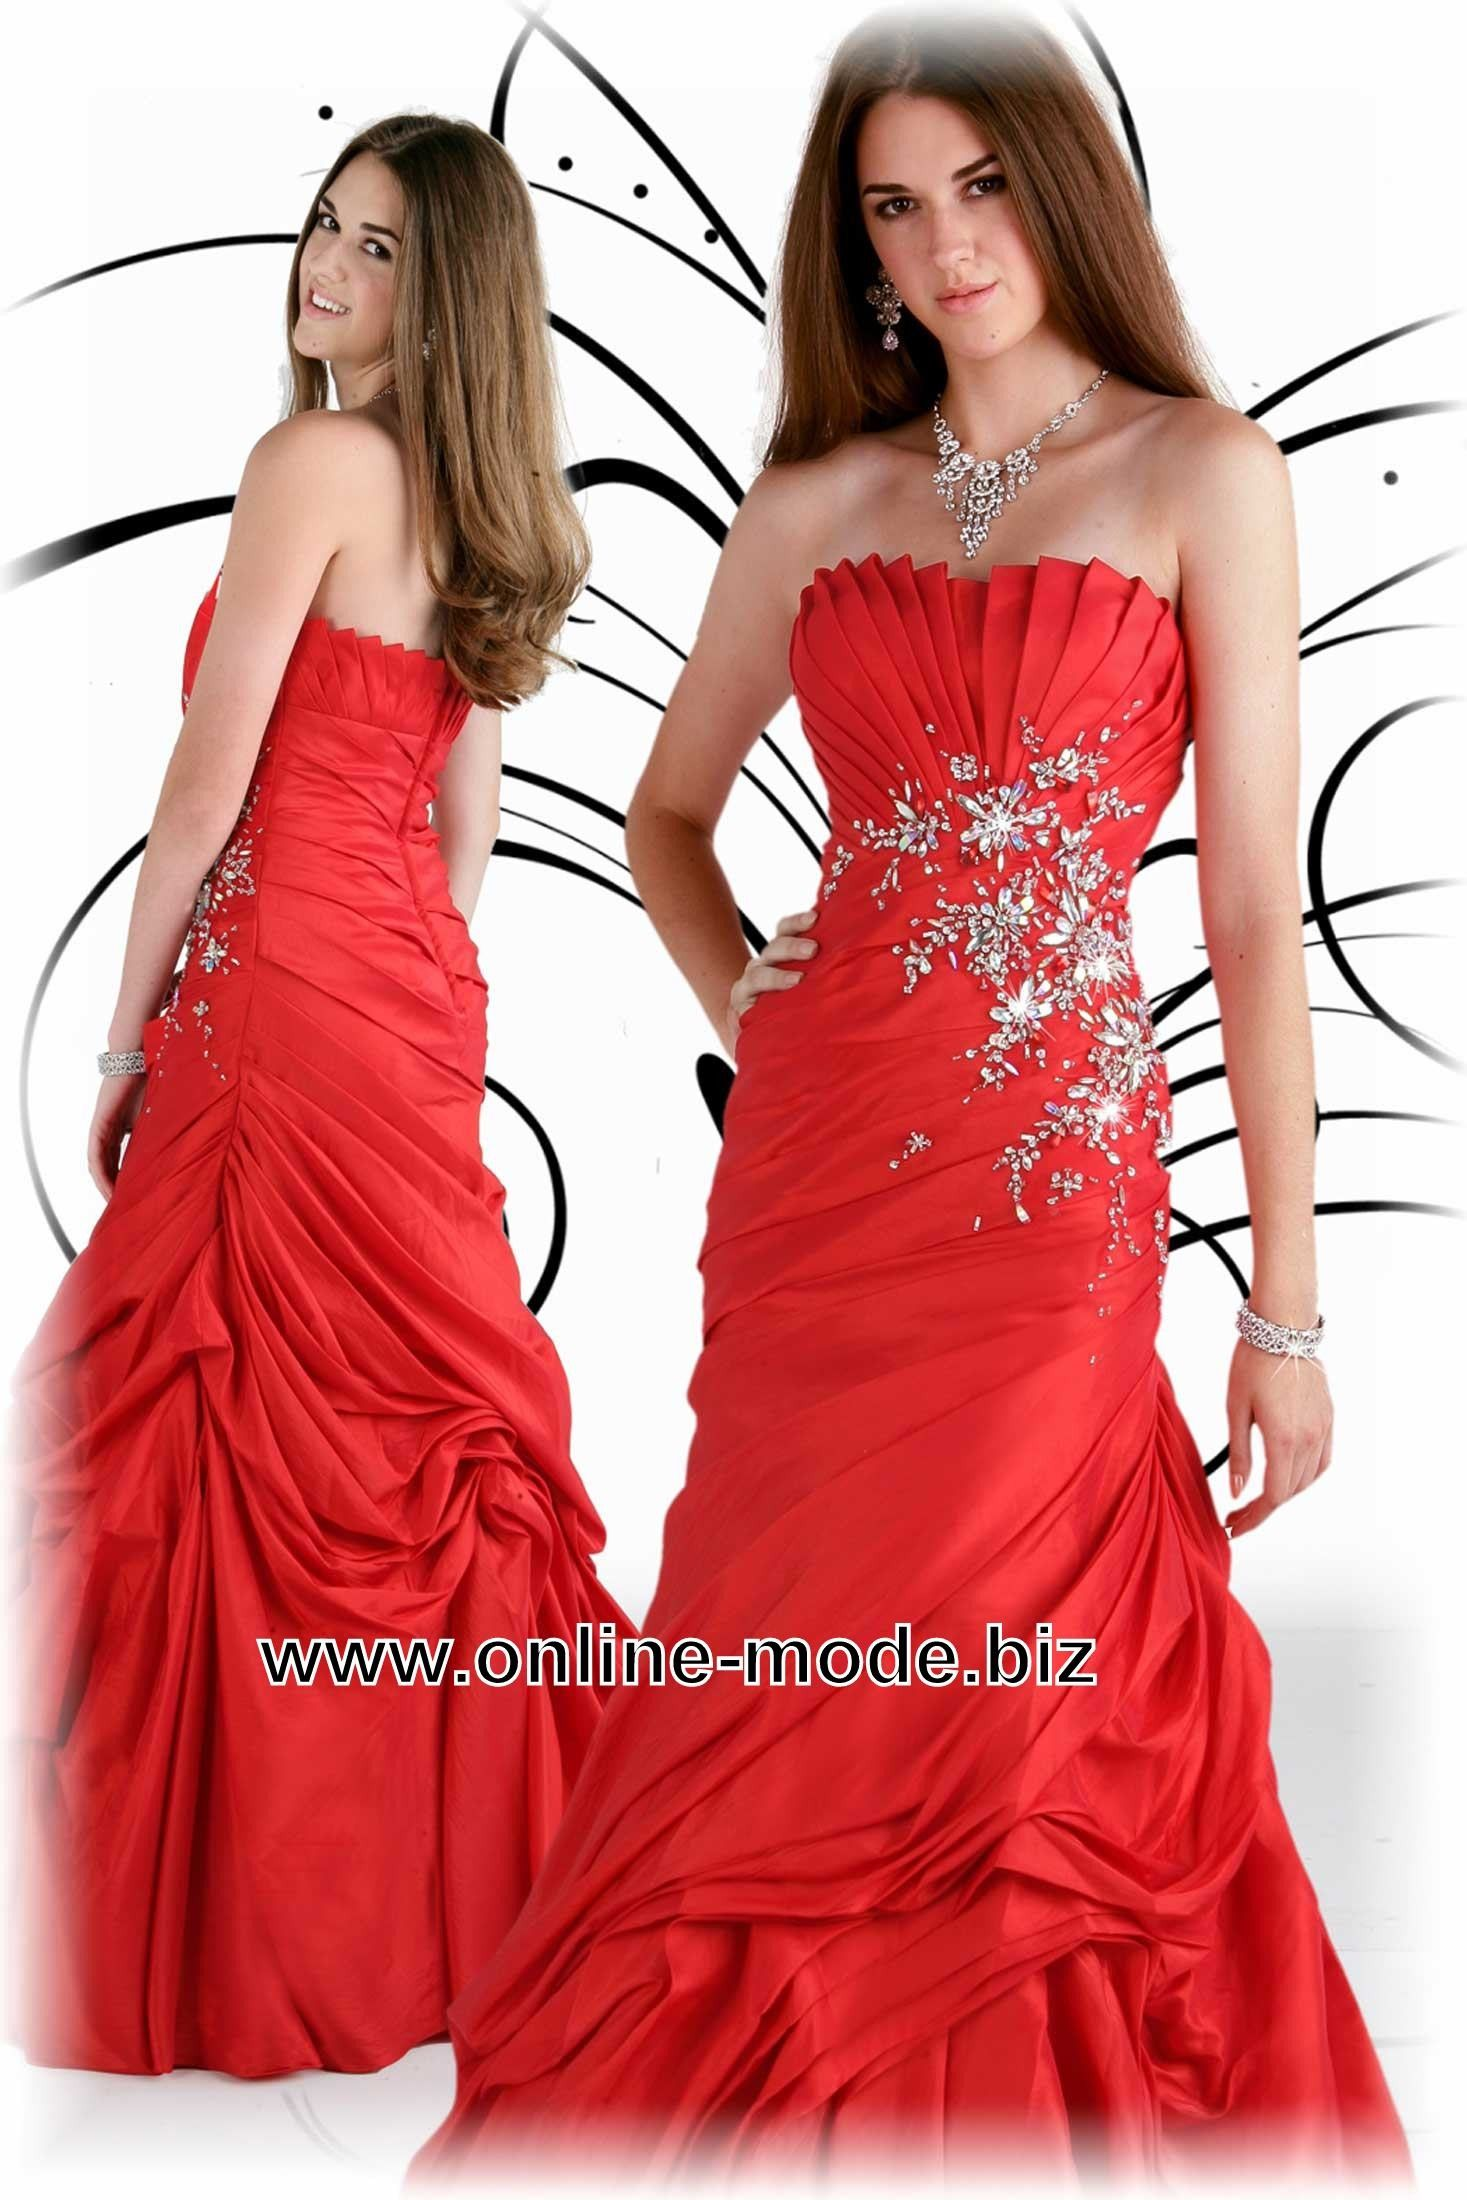 Event Mode Abend Kleid in Rot | Rote Kleider online kaufen ...